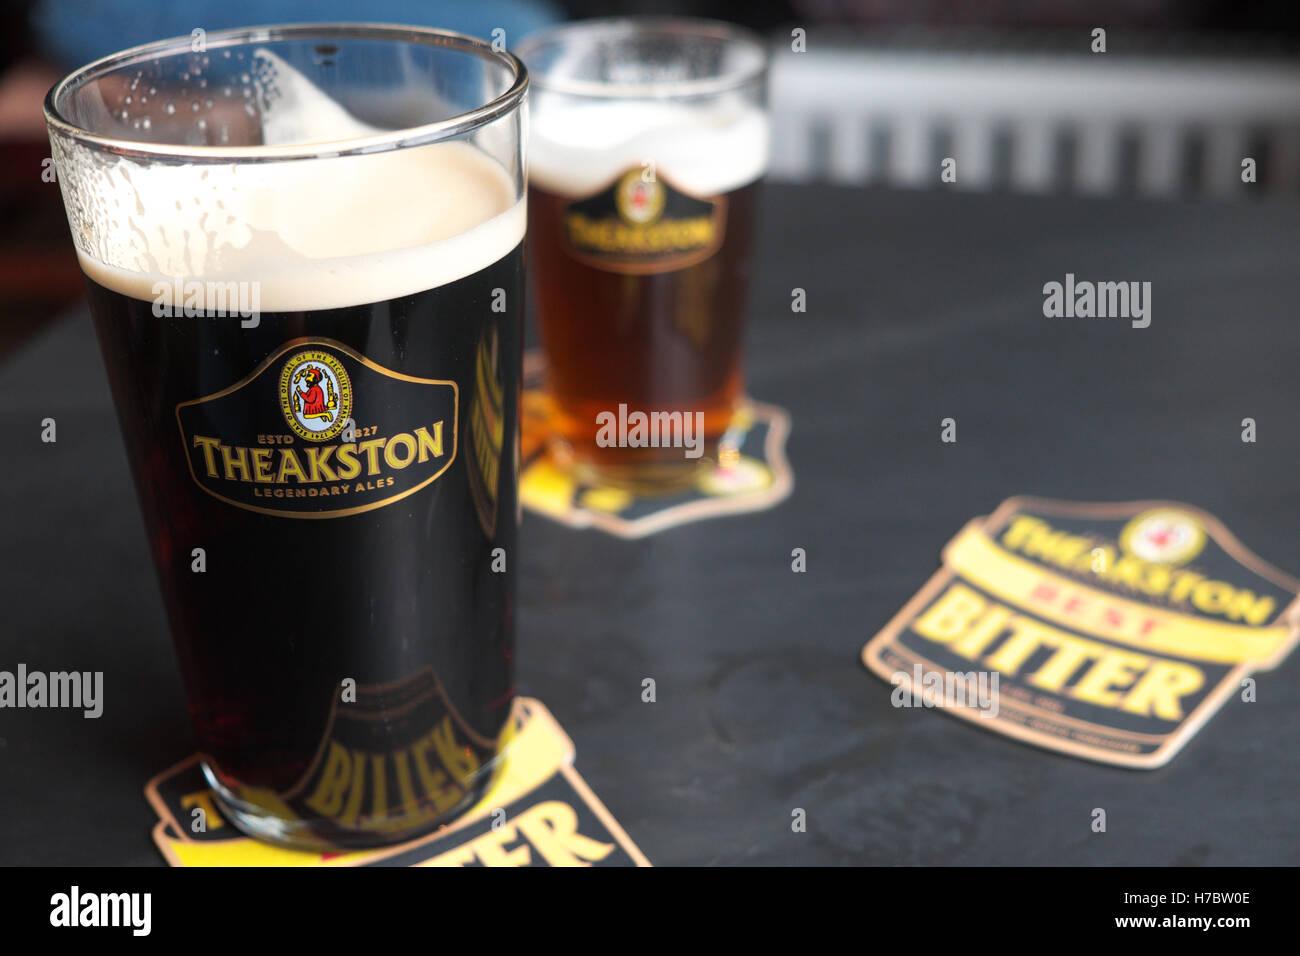 Theakston viejo pinta de cerveza oscura peculiar vaso de cerveza en el pub en Yorkshire, Reino Unido Imagen De Stock